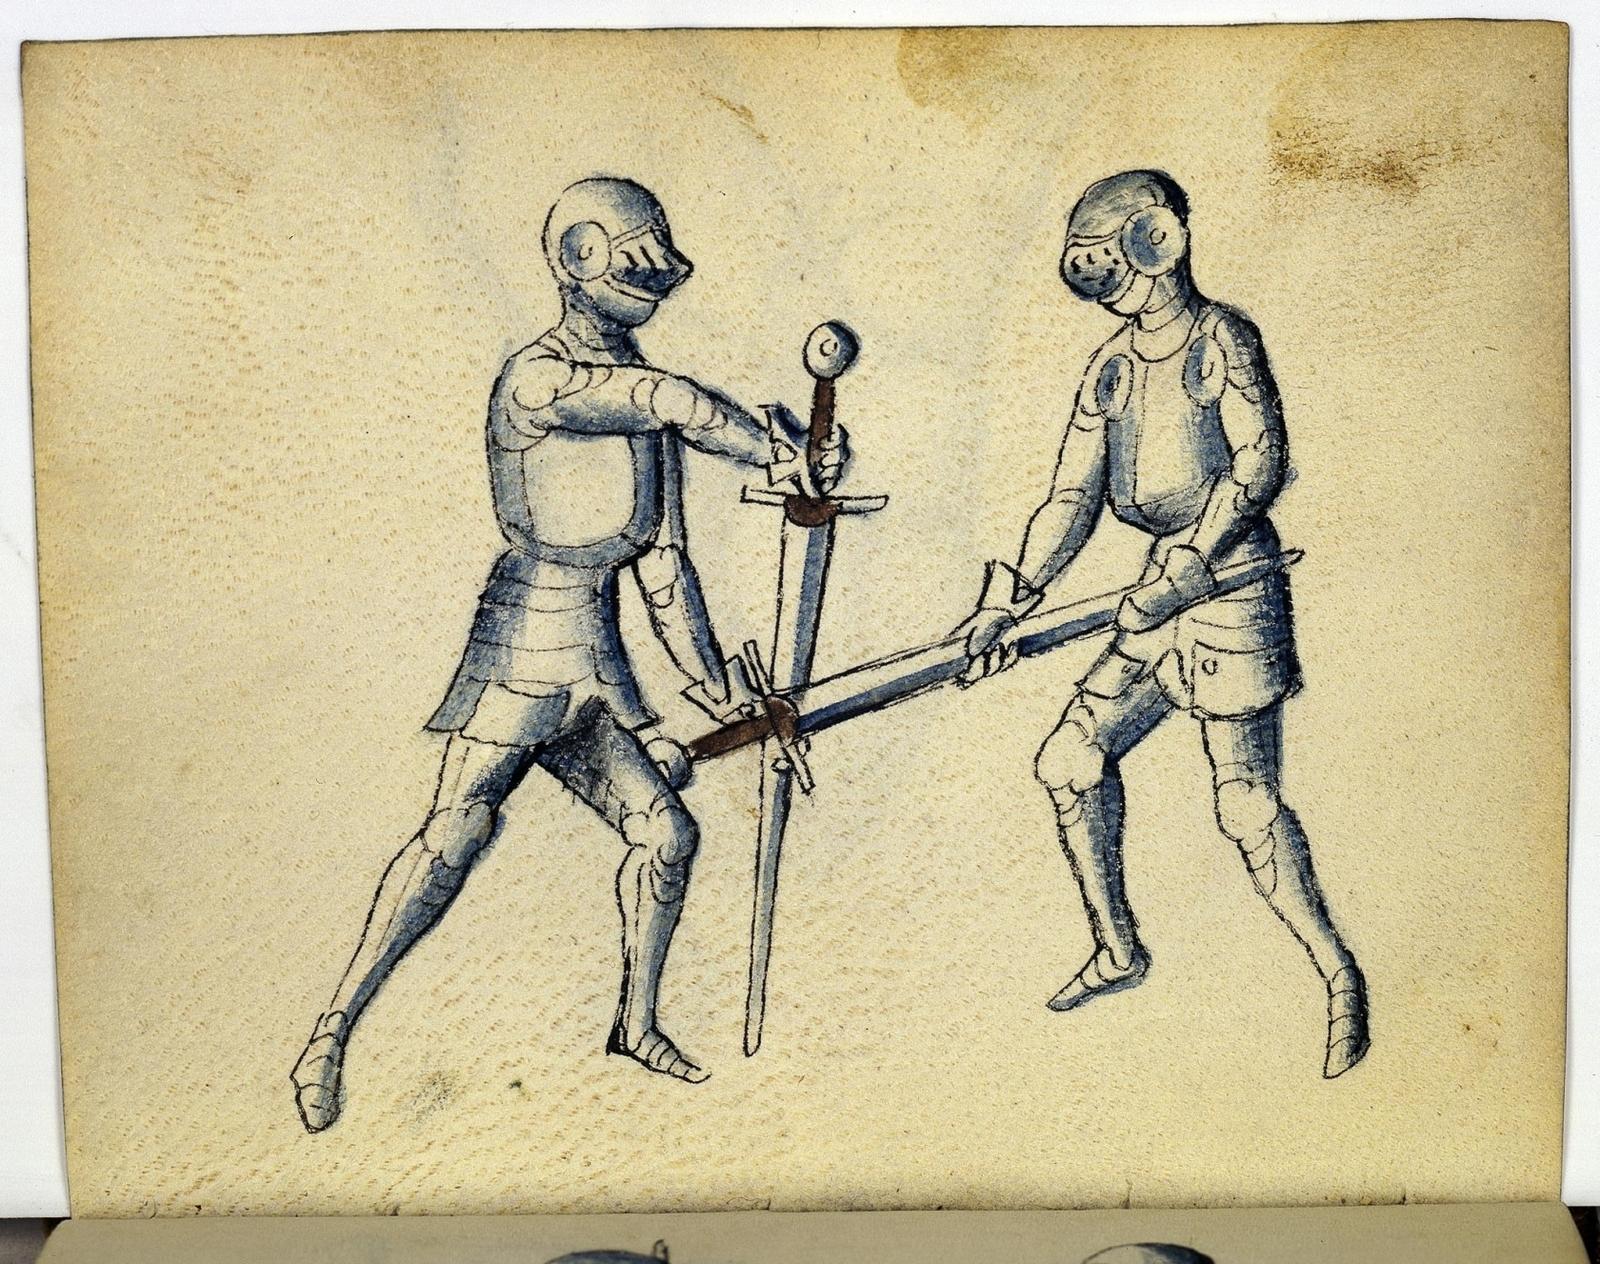 Cod. 11093, fol. 19v: Fecht - und Ringbuch